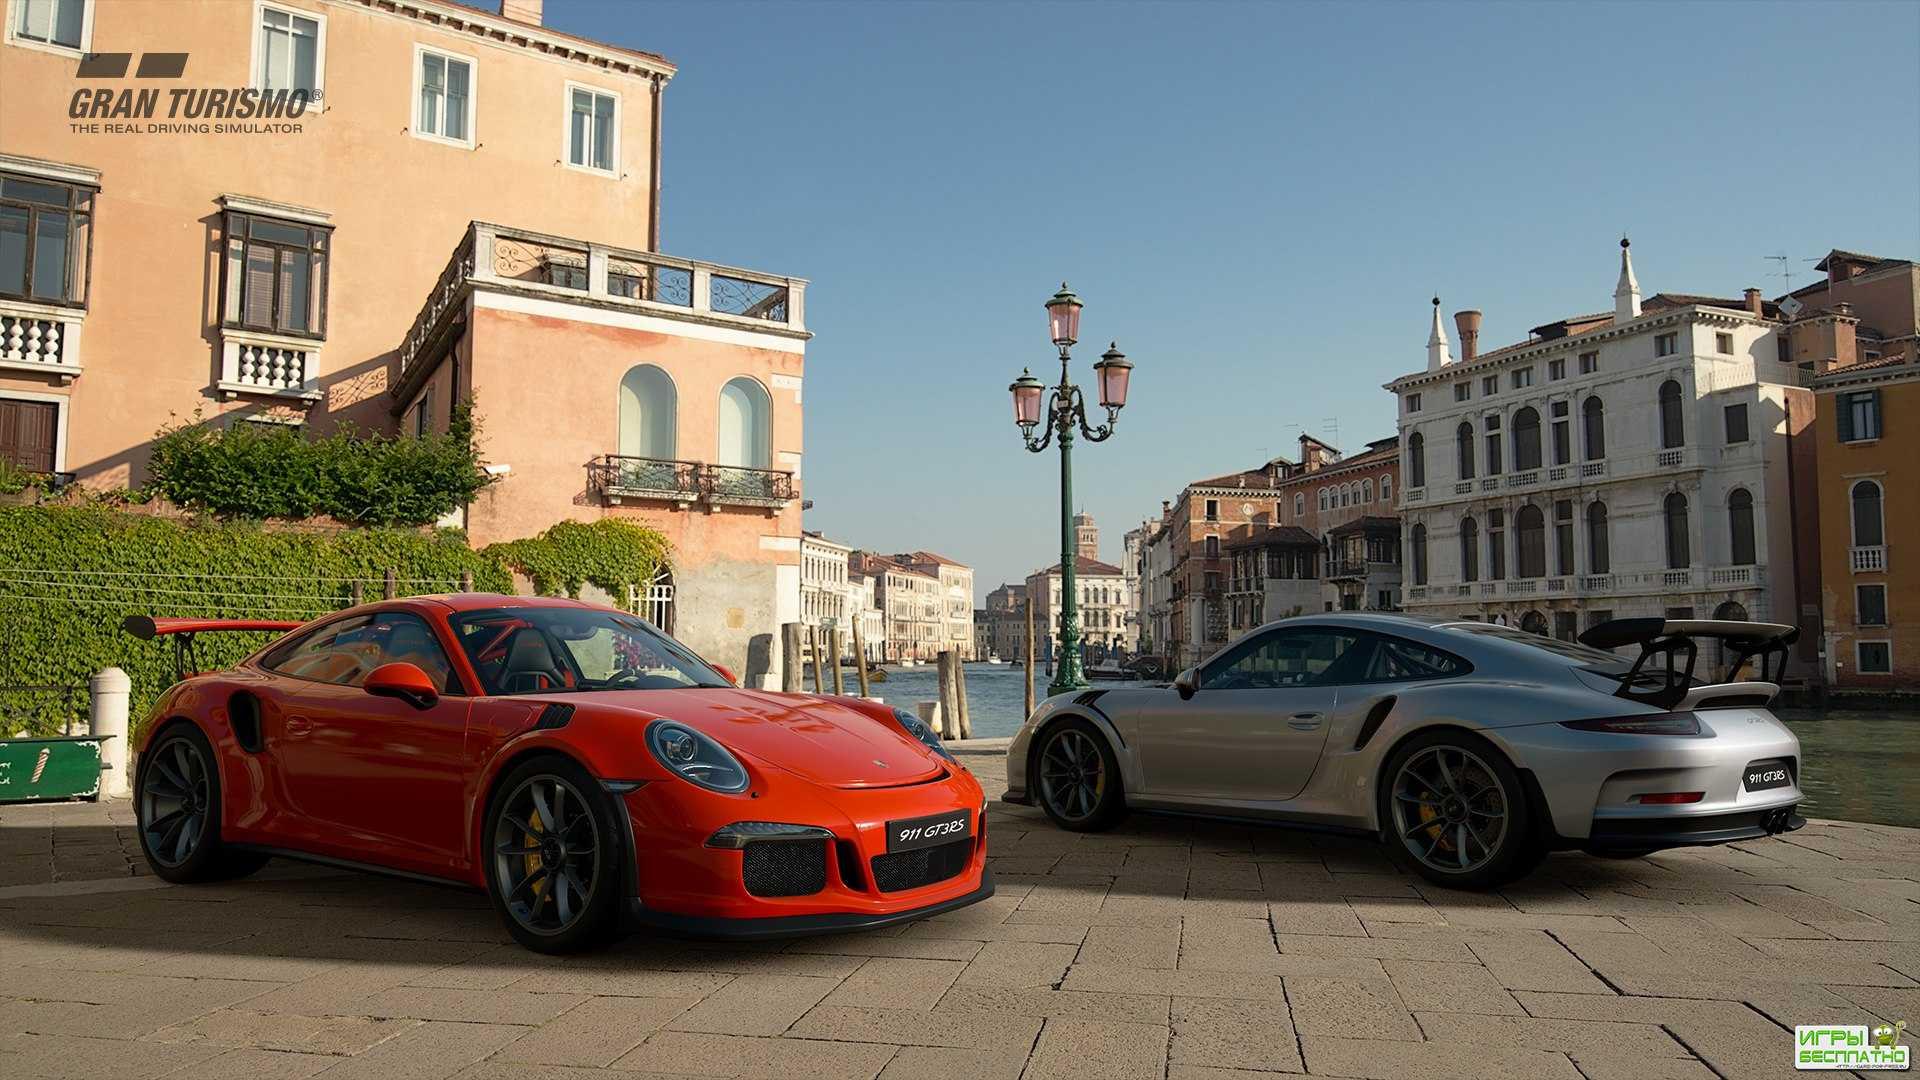 Продажи игр серии Gran Turismo превысили отметку в 80,4 миллионов копий